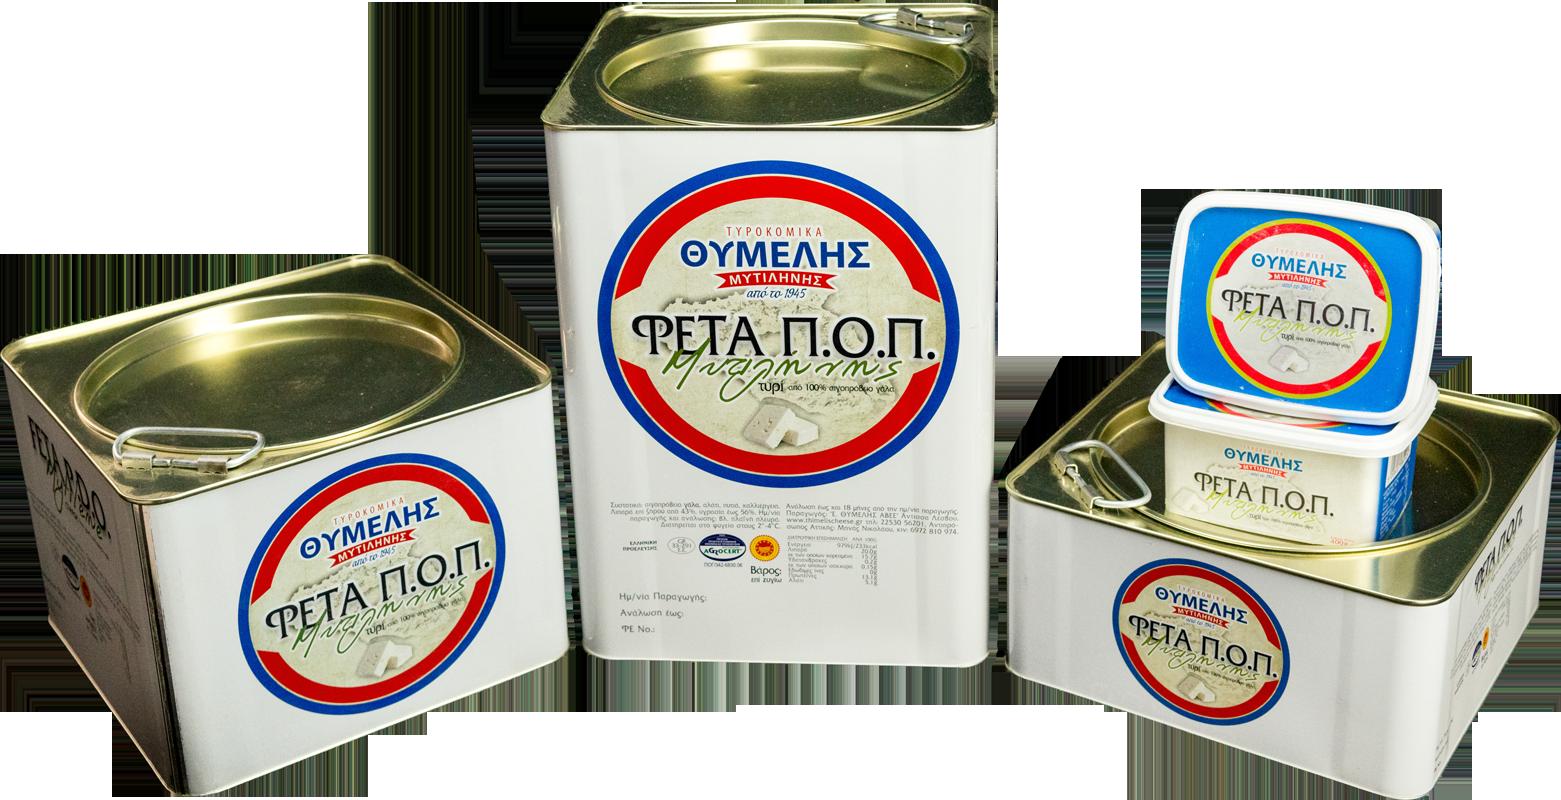 Τυρί Φέτα Π.Ο.Π Συσκευασίες - Από Κατσικίσιο & Πρόβειο Γάλα - Τυροκομικά Θυμέλης